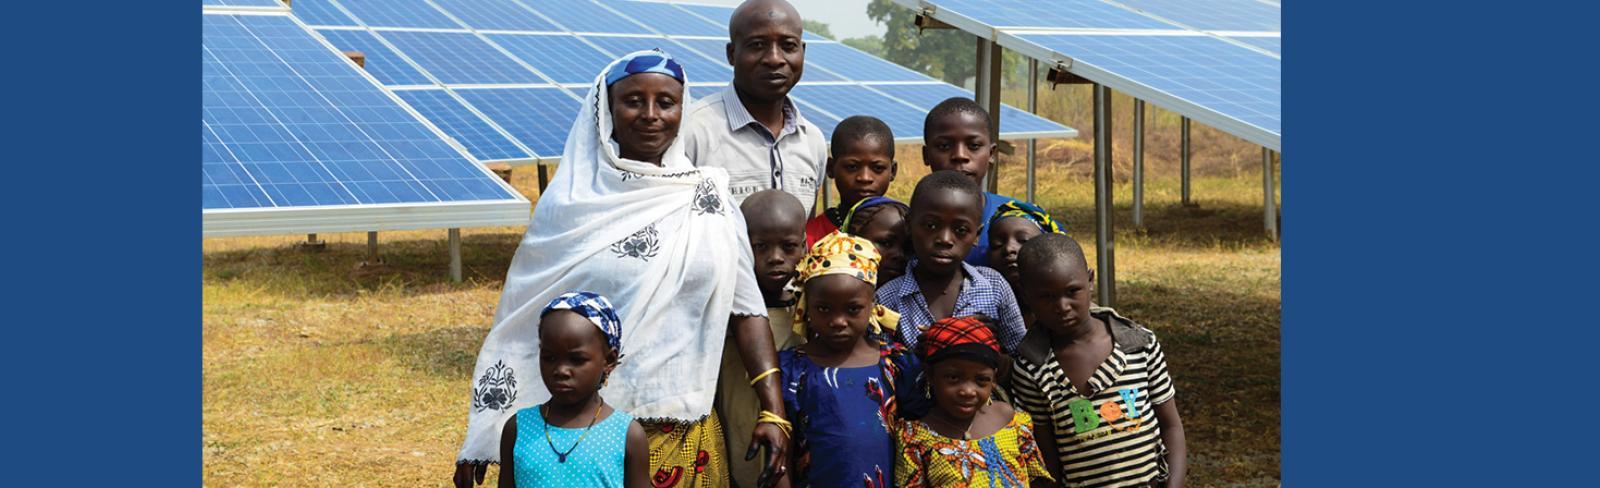 Nigeria, family, remote village, mini grids